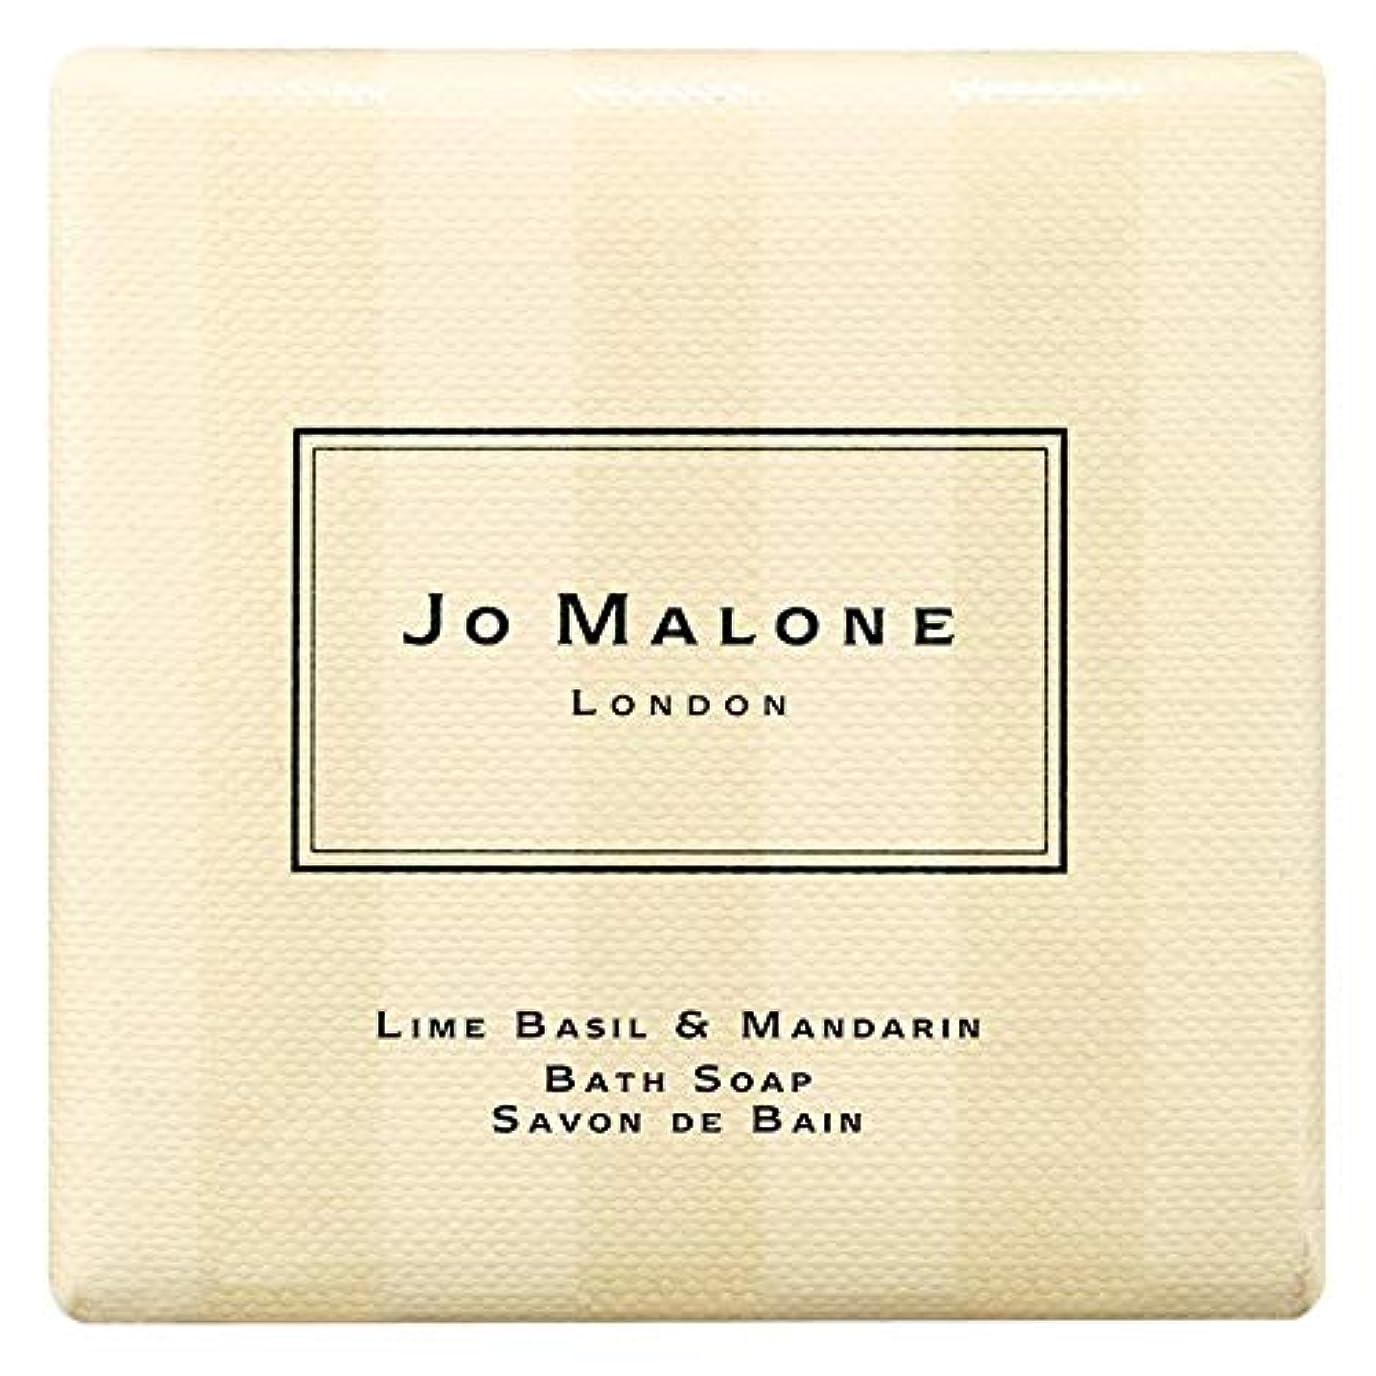 シェード有害変更可能[Jo Malone] ジョーマローンロンドンライムバジル&マンダリンお風呂の石鹸100グラム - Jo Malone London Lime Basil & Mandarin Bath Soap 100g [並行輸入品]